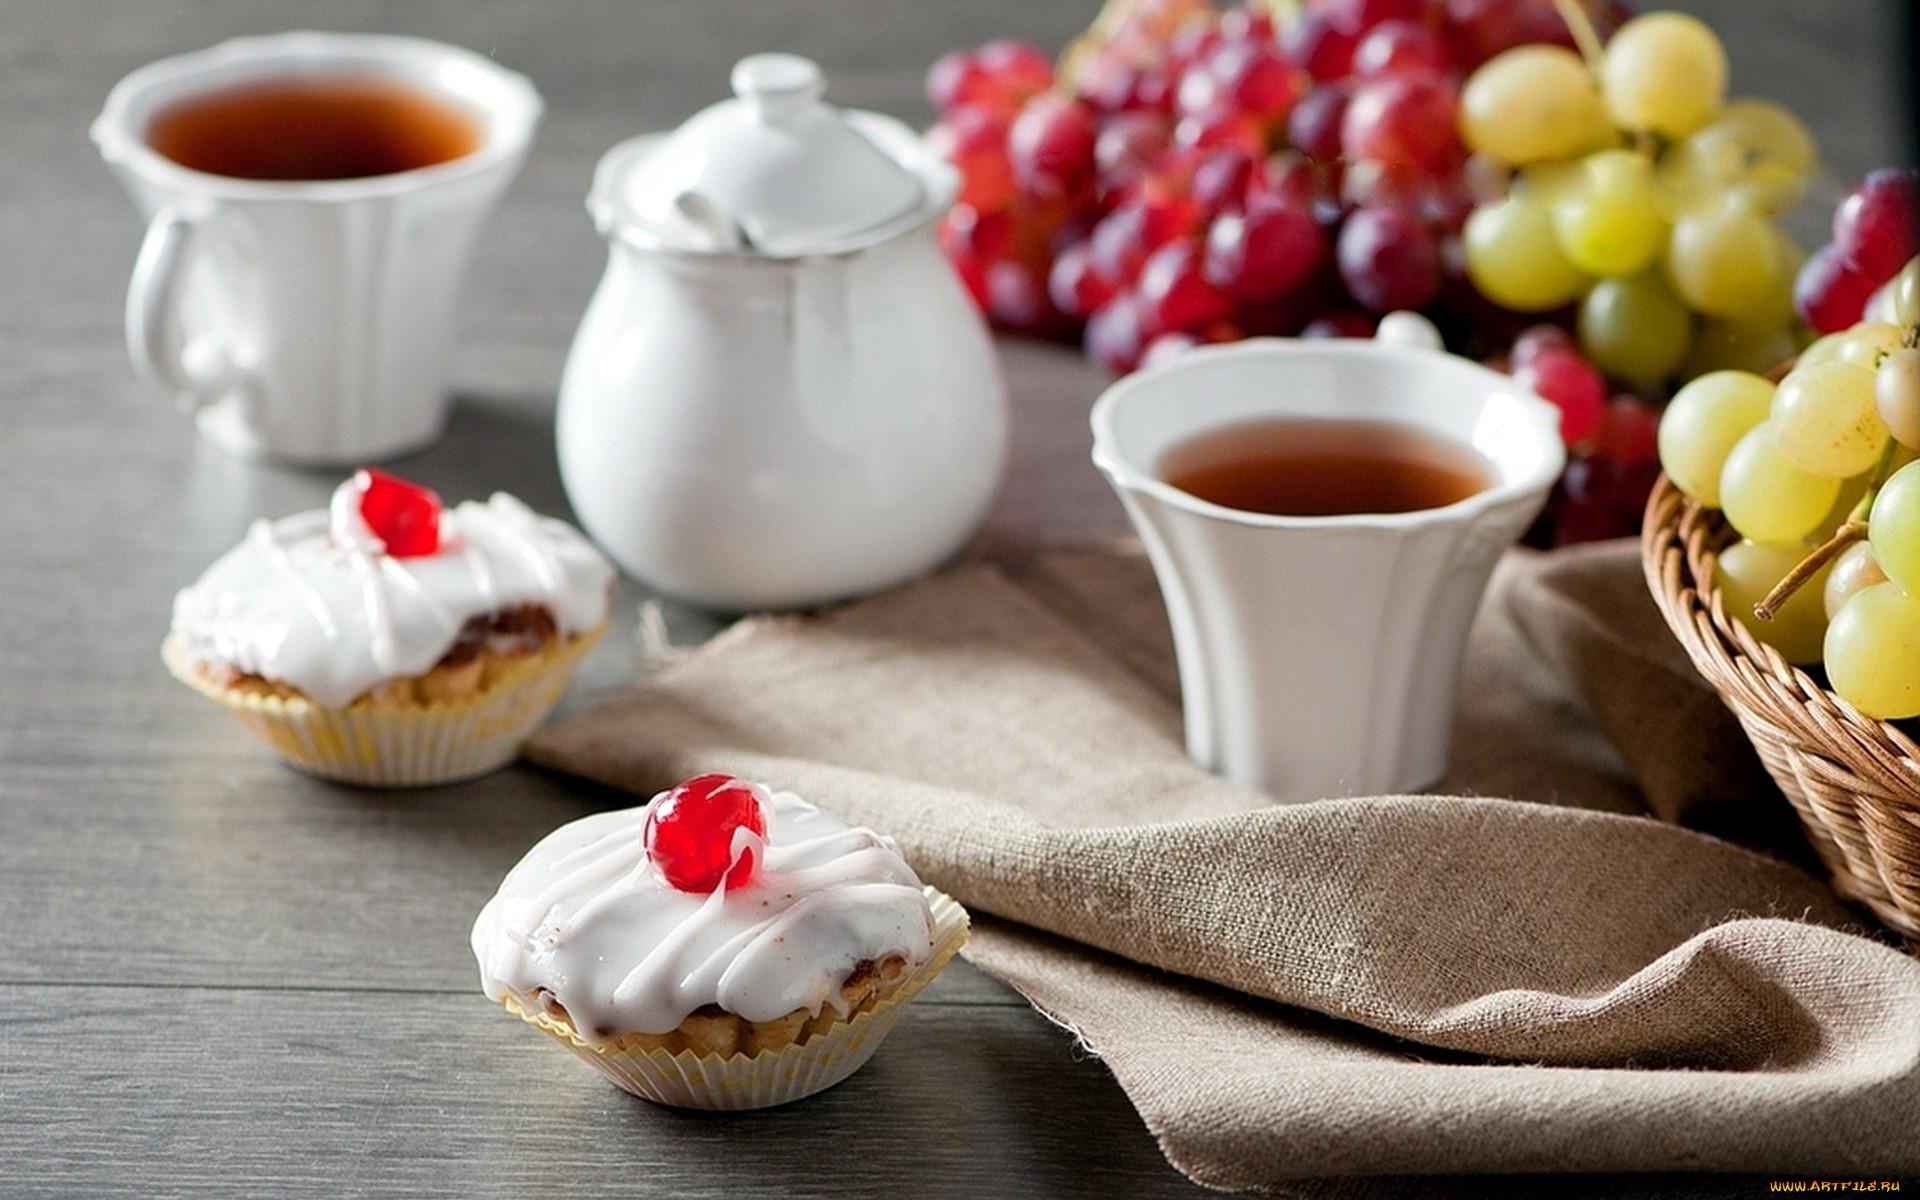 Картинки чашка чая с пирожными фото